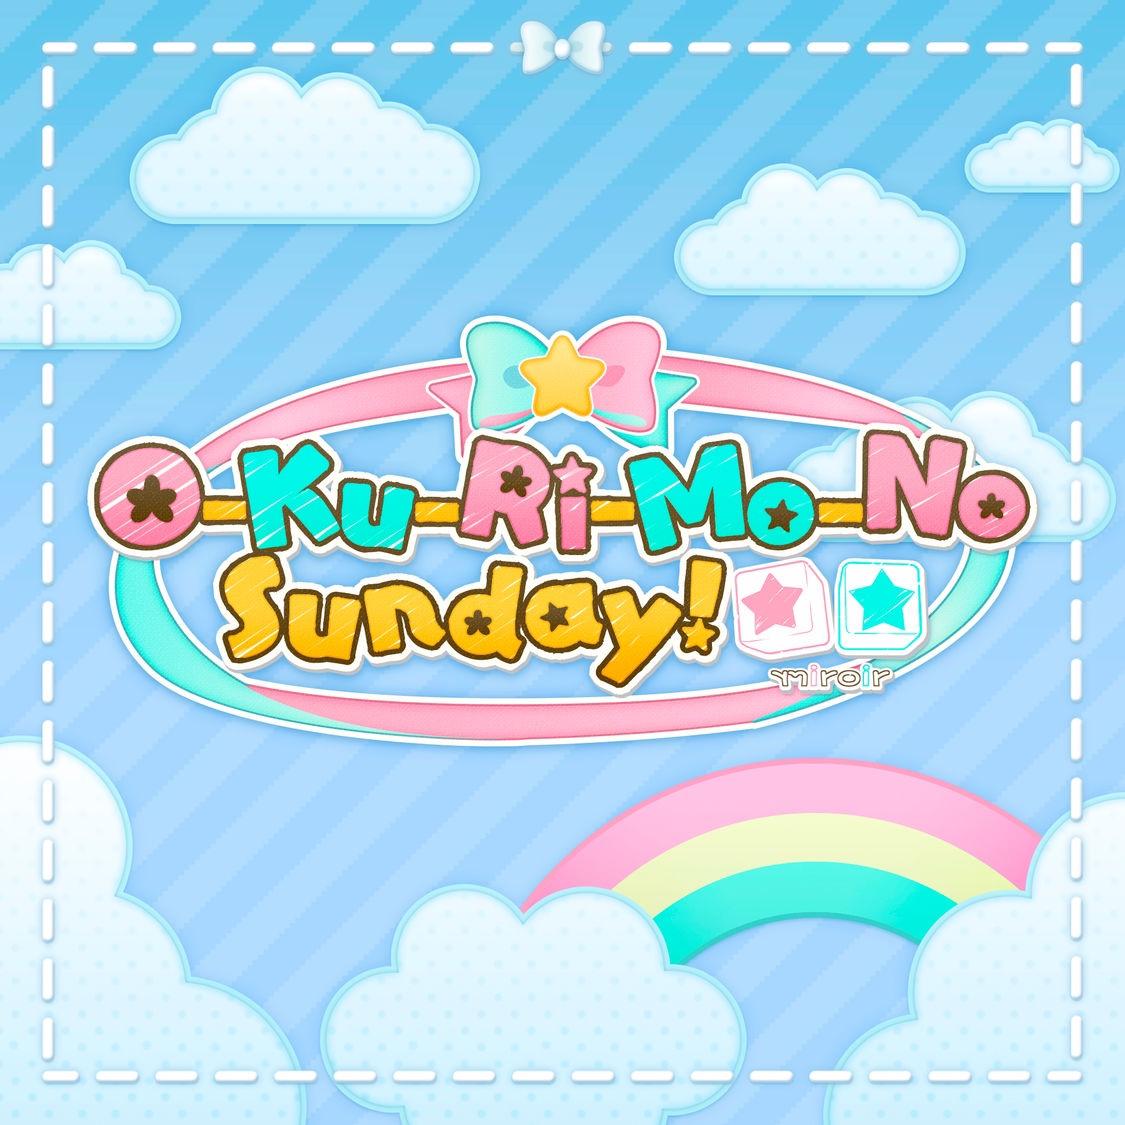 """test ツイッターメディア - #nowplaying: """"O-Ku-Ri-Mo-No Sunday! (M@STER VERSION)"""" by 久川凪 (CV: 立花日菜) & 久川颯 (CV: 長江里加) https://t.co/dOUiEutrES"""